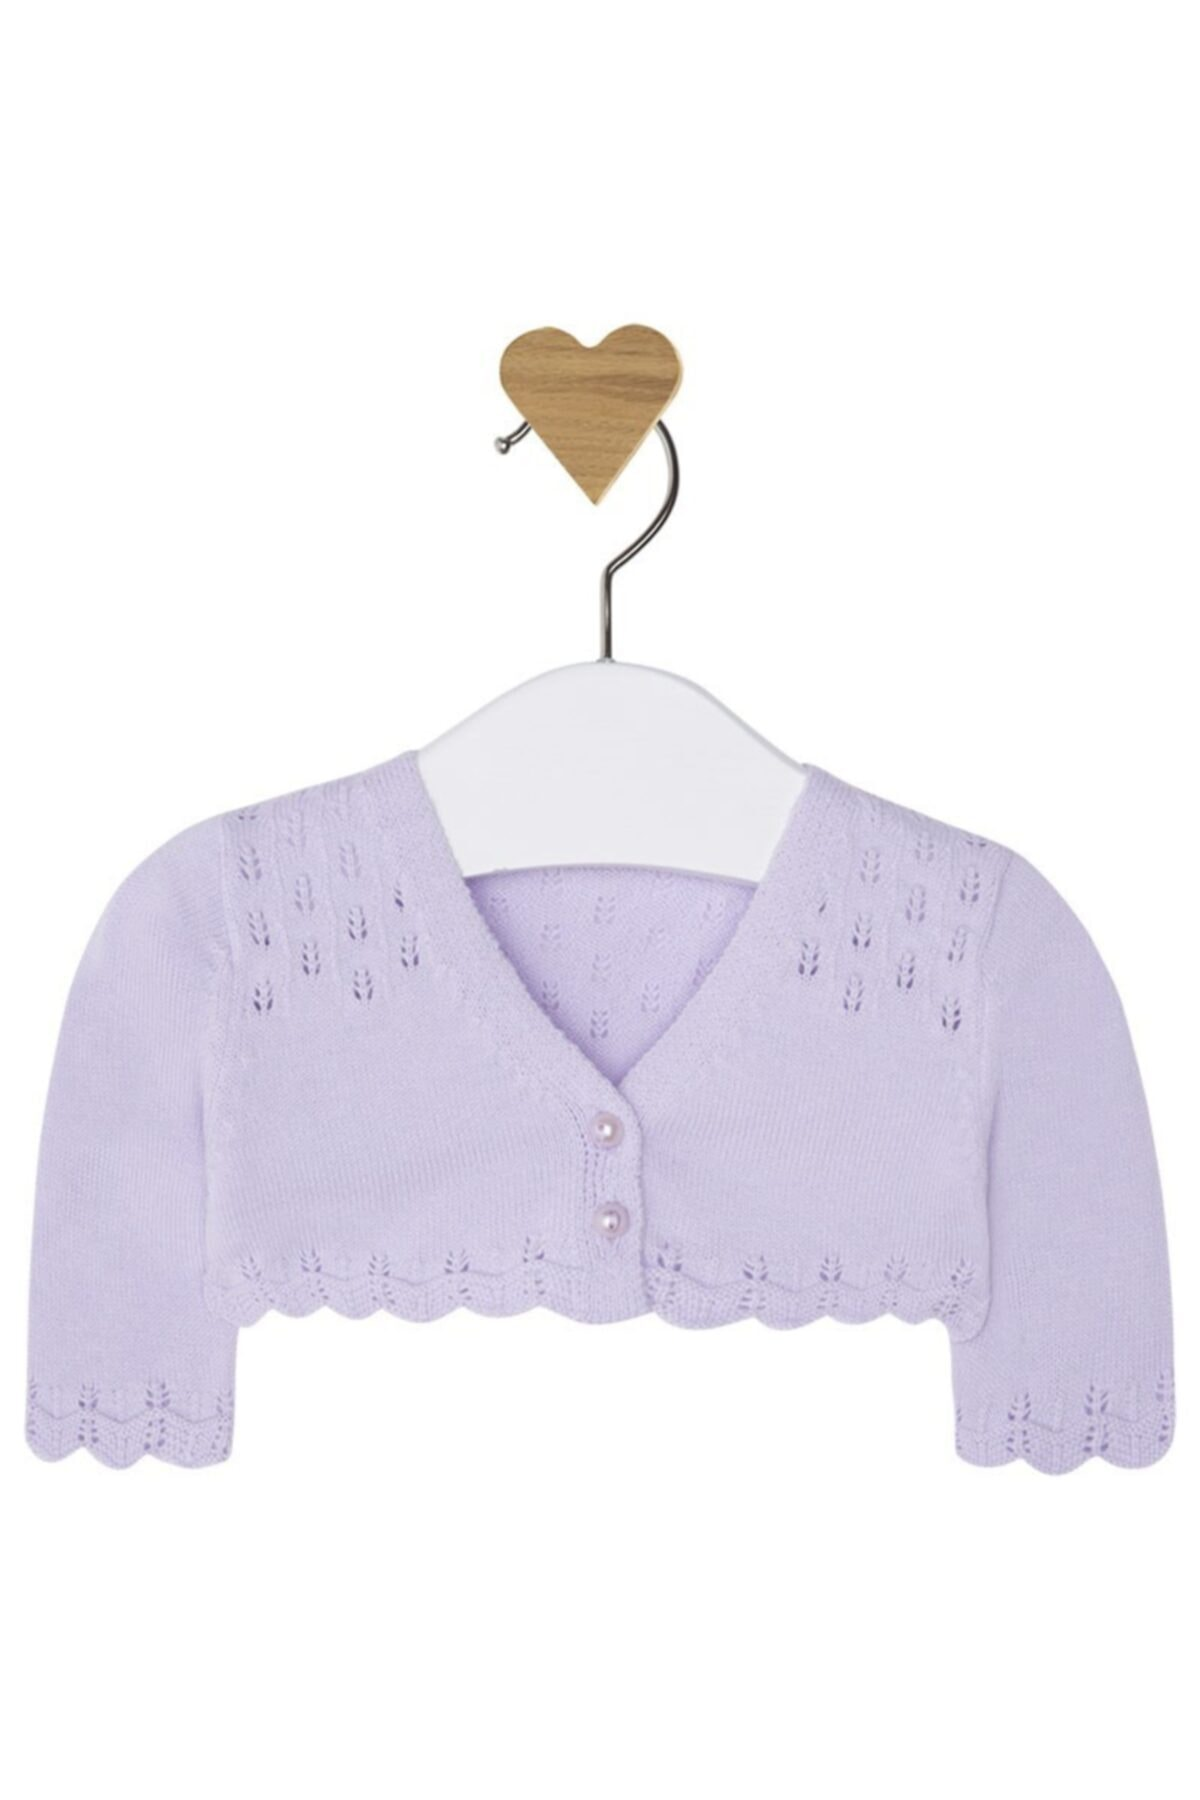 MAYORAL Kız Bebek Lila Örme Kısa Hırka Ceket 1306 1